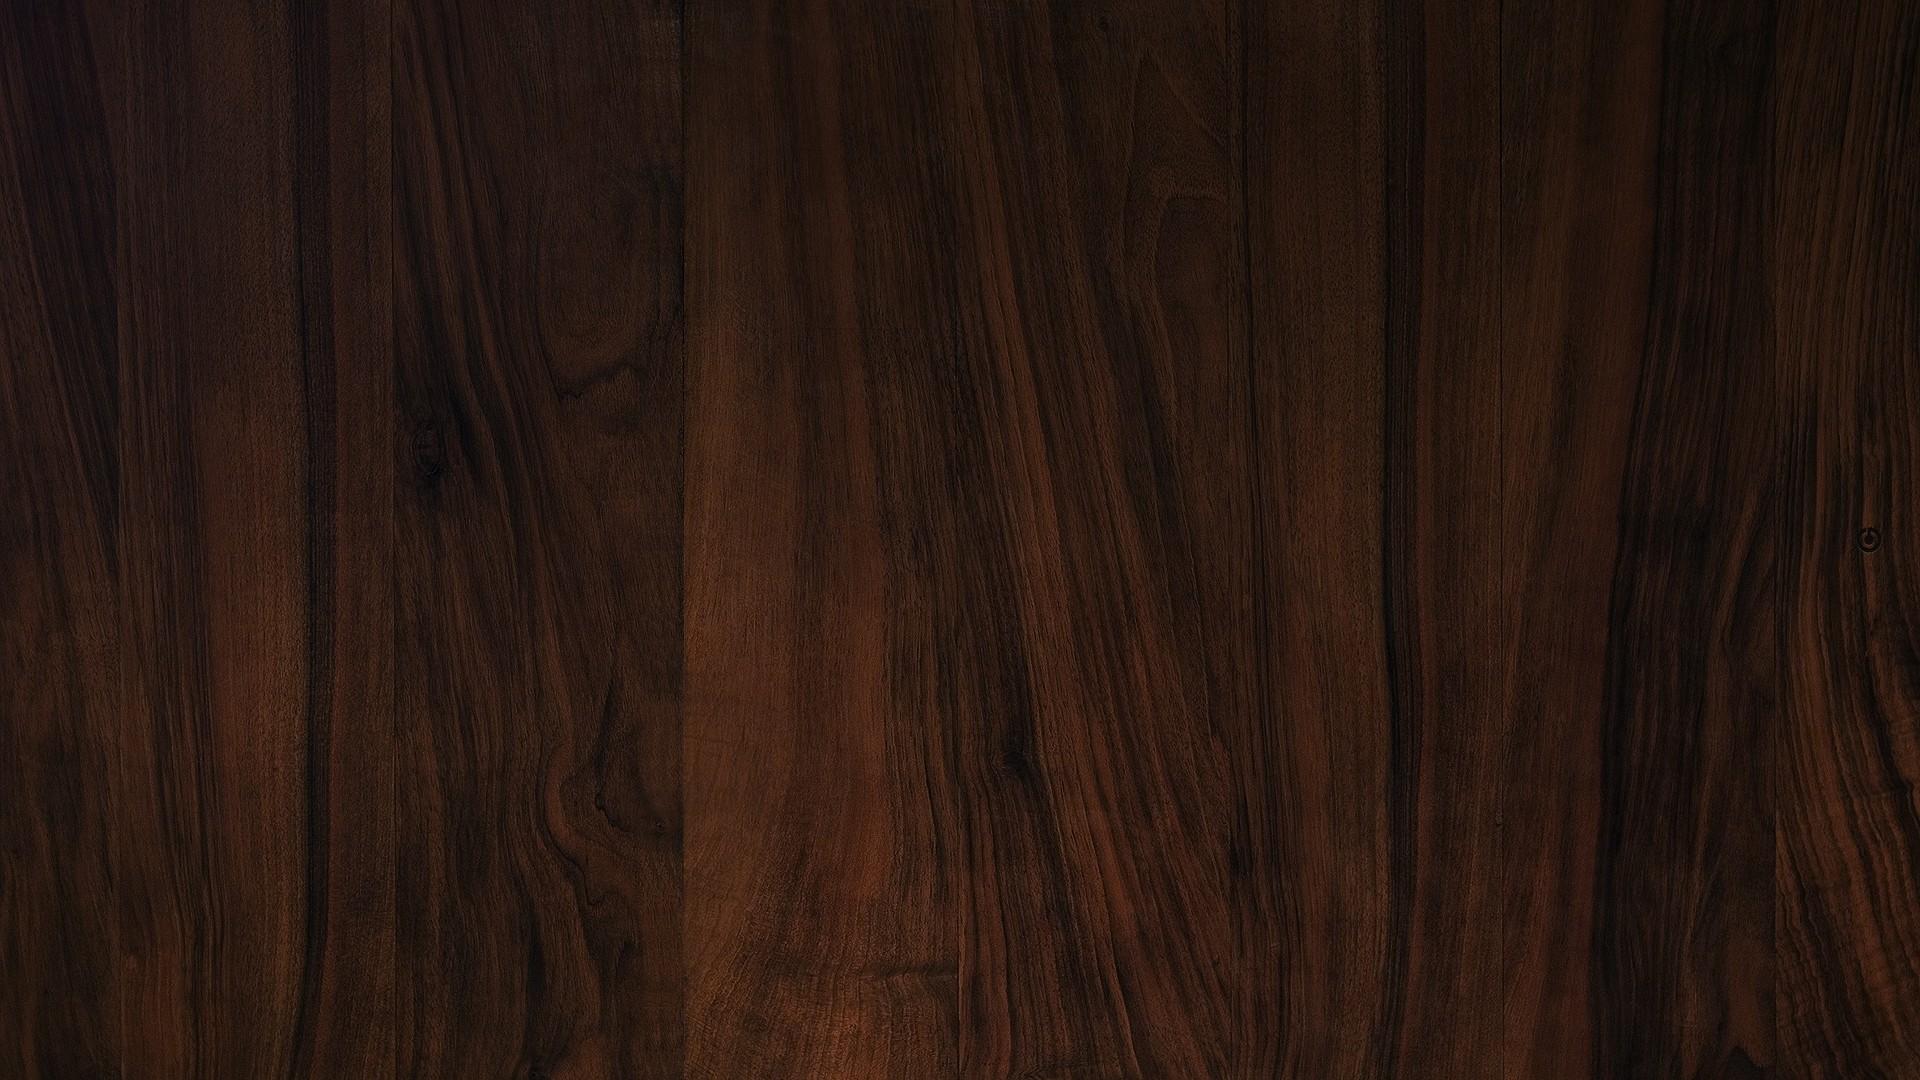 Wood Texture Wallpaper - WallpaperSafari